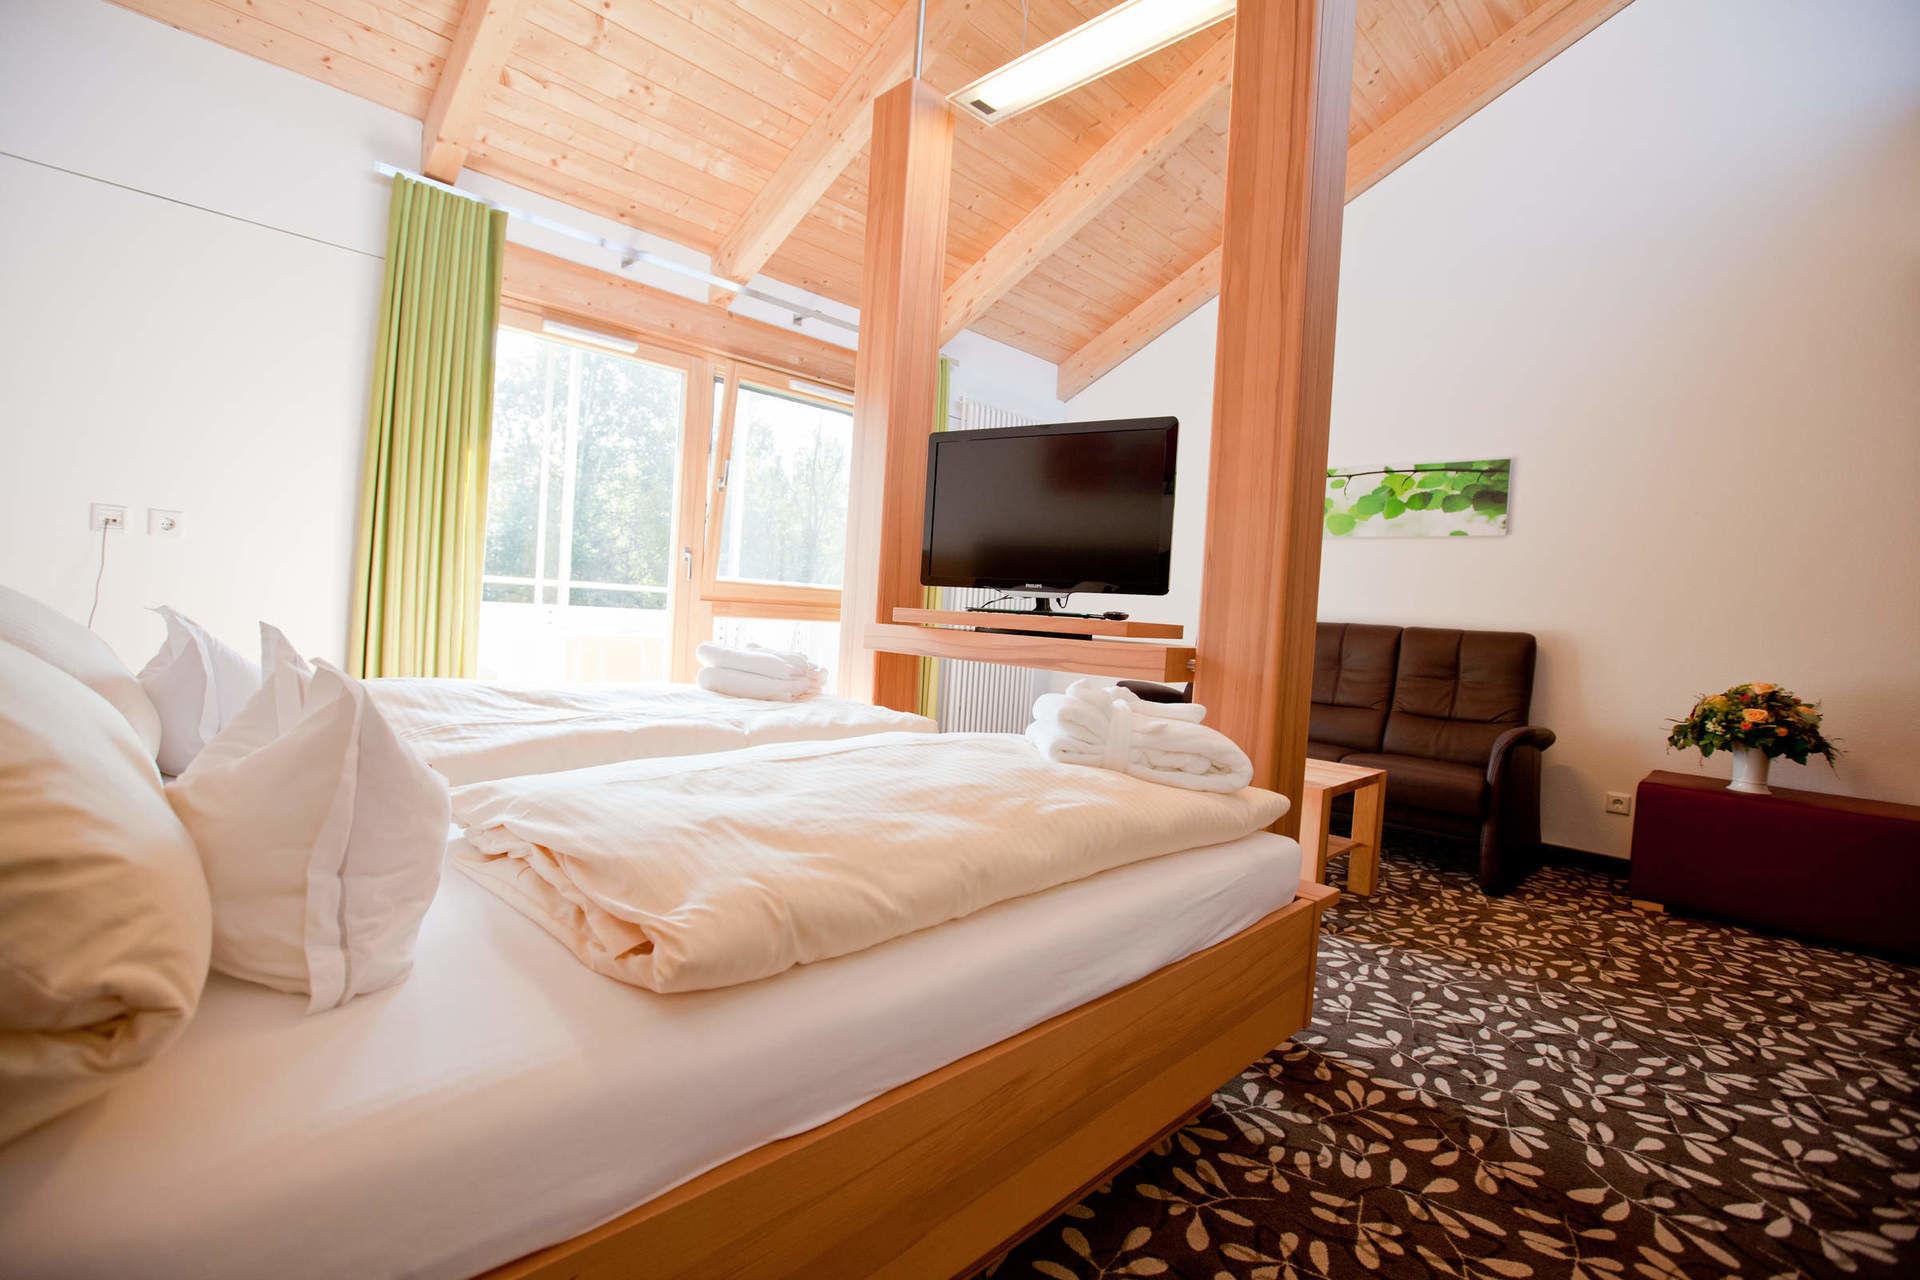 hotelzimmer 4 sterne hotel appartementhof waldeck bad. Black Bedroom Furniture Sets. Home Design Ideas